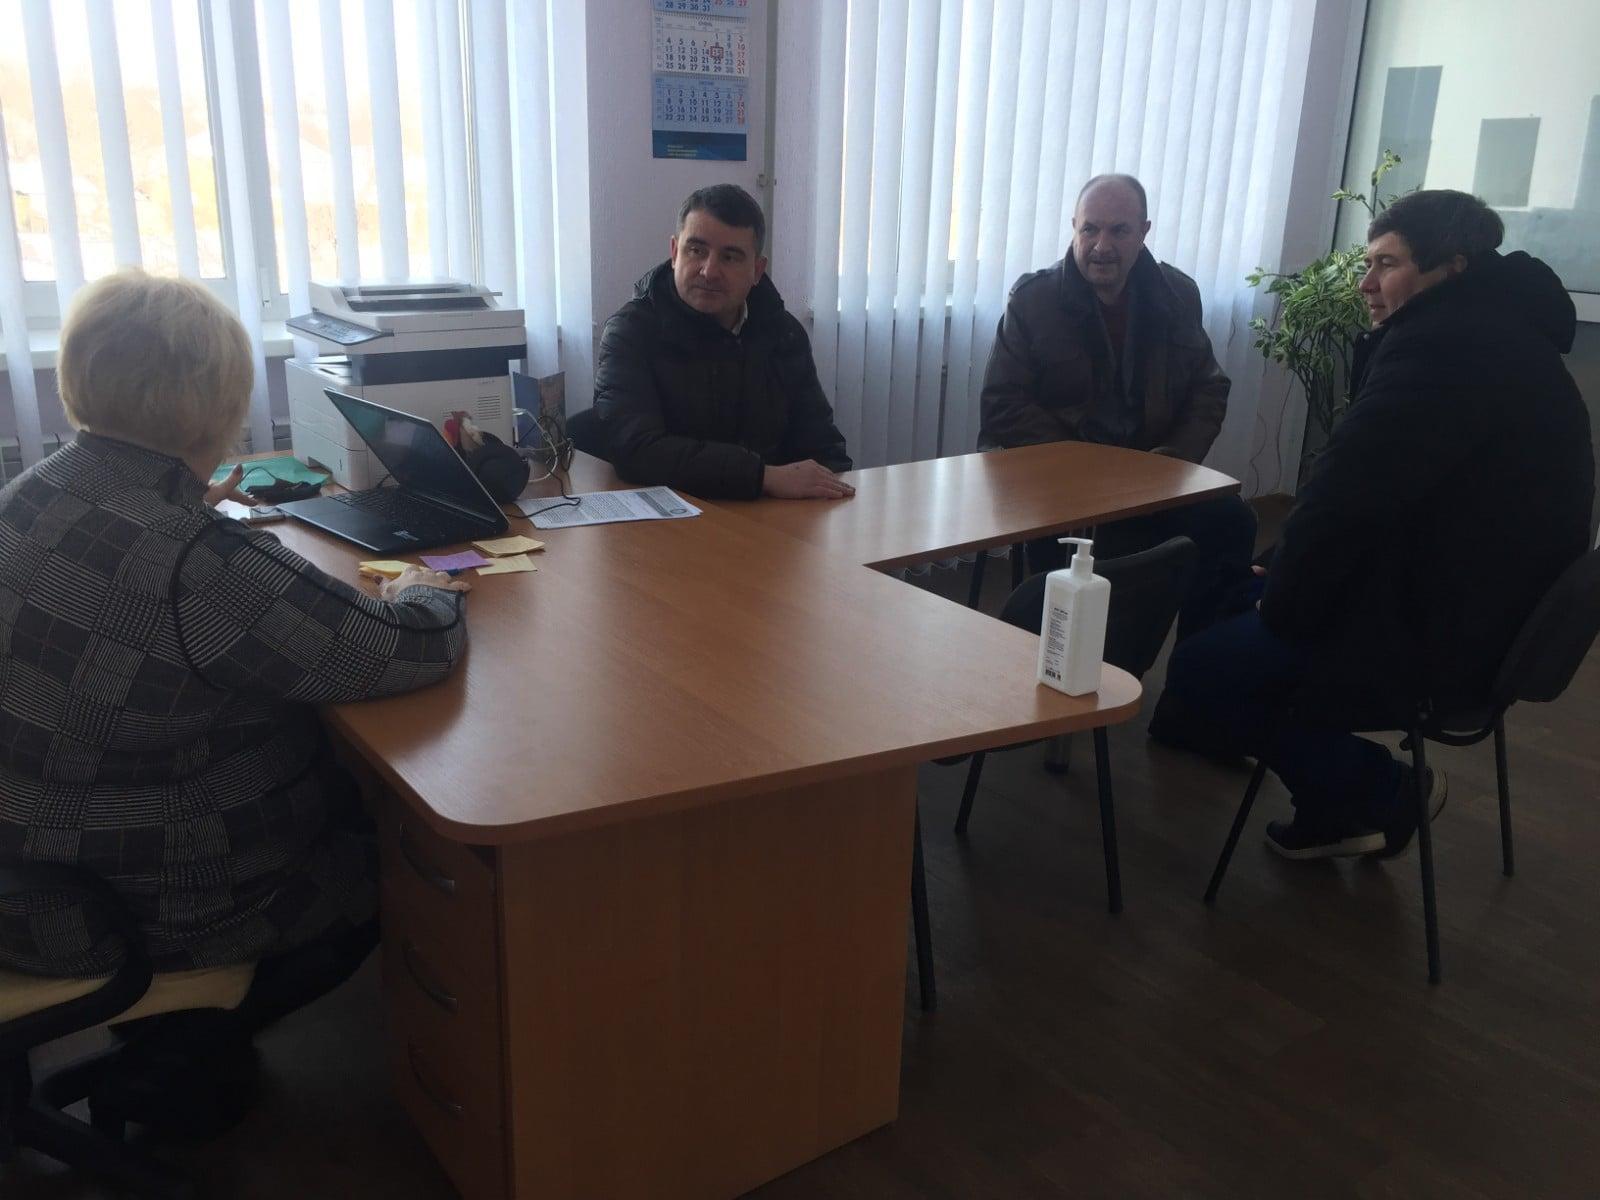 Городской глава Славянска Вадим Лях в помещении не надел маску